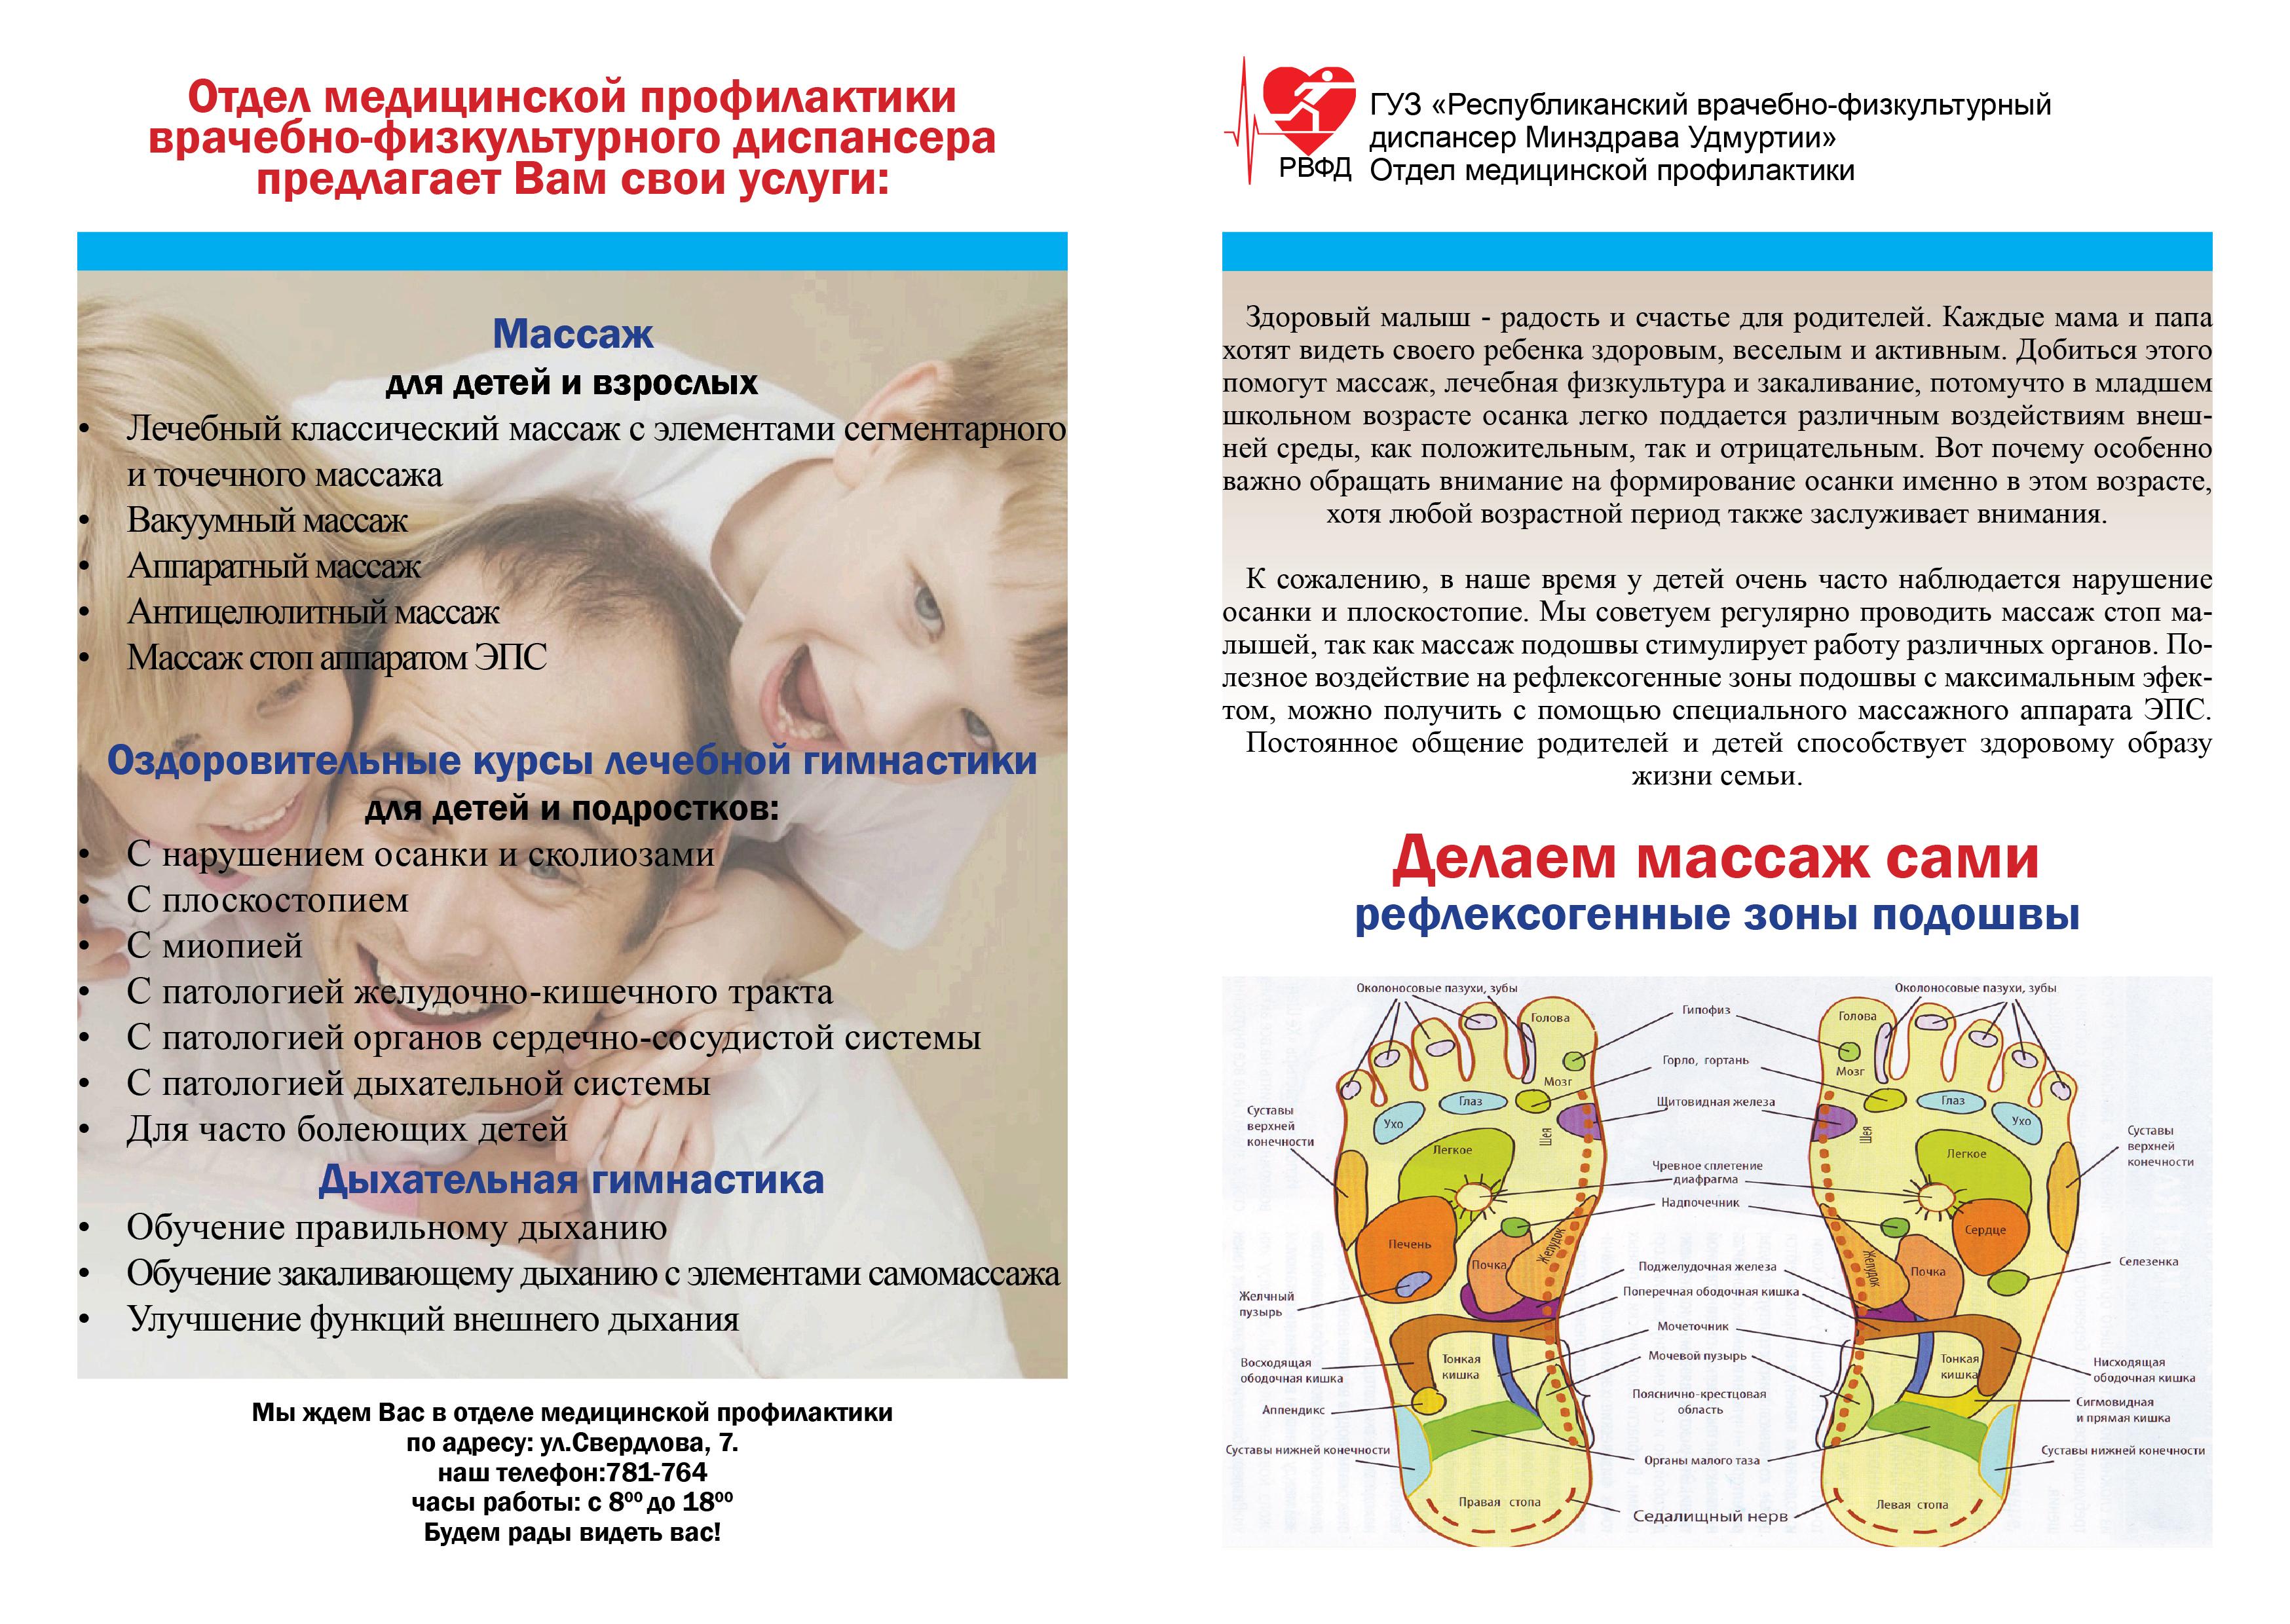 фунготербин от грибка ногтей отзывы цена таблетки